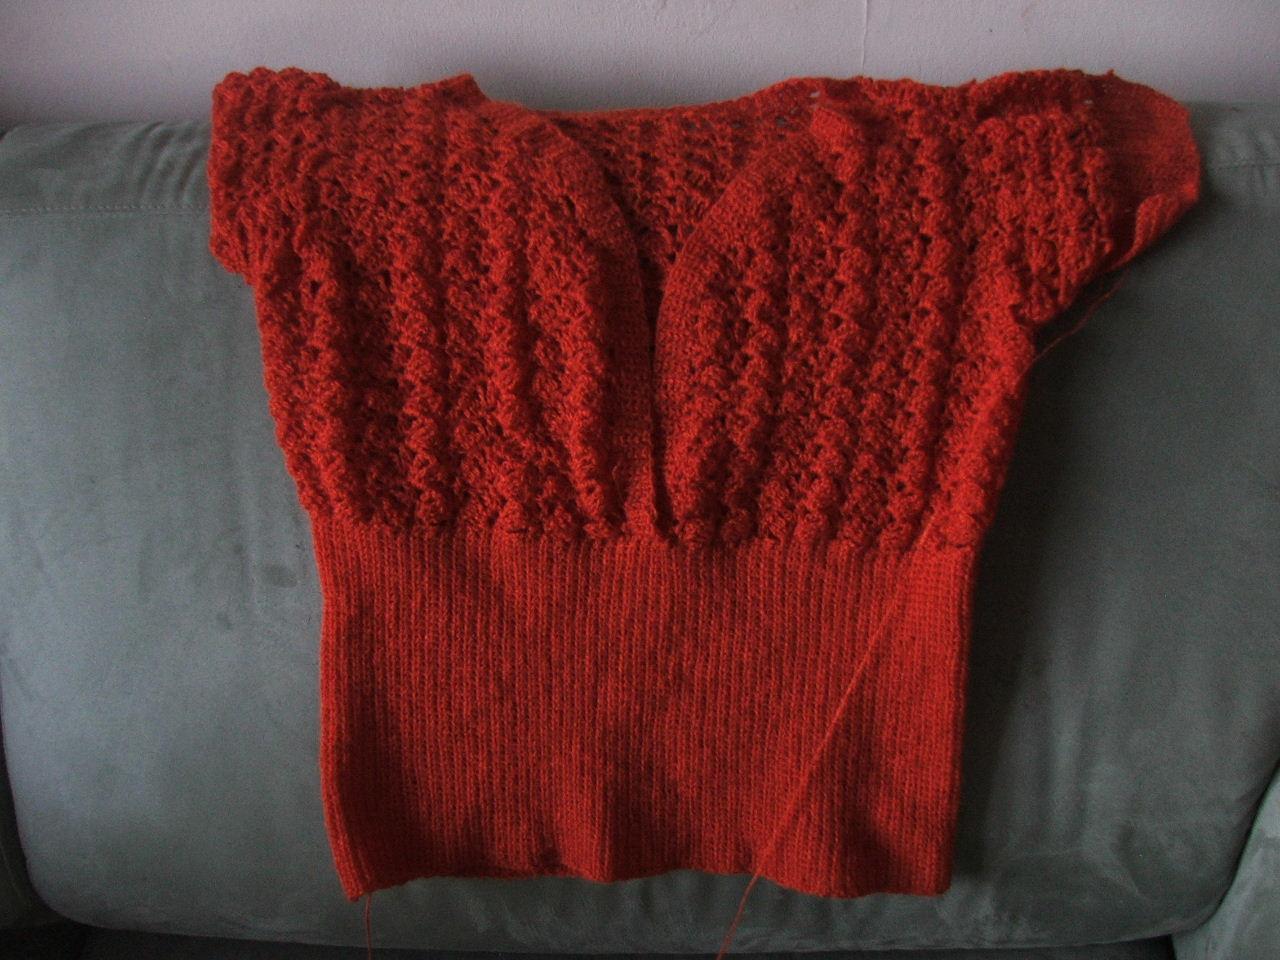 Granny square my place on earth ksiazki blueprint crochet jest prawie gotowy i pasuje swietnie i musze powiedziec ze bardzo lubie ten wzor i sposob w jaki ksiazka zostala napisana i malvernweather Images